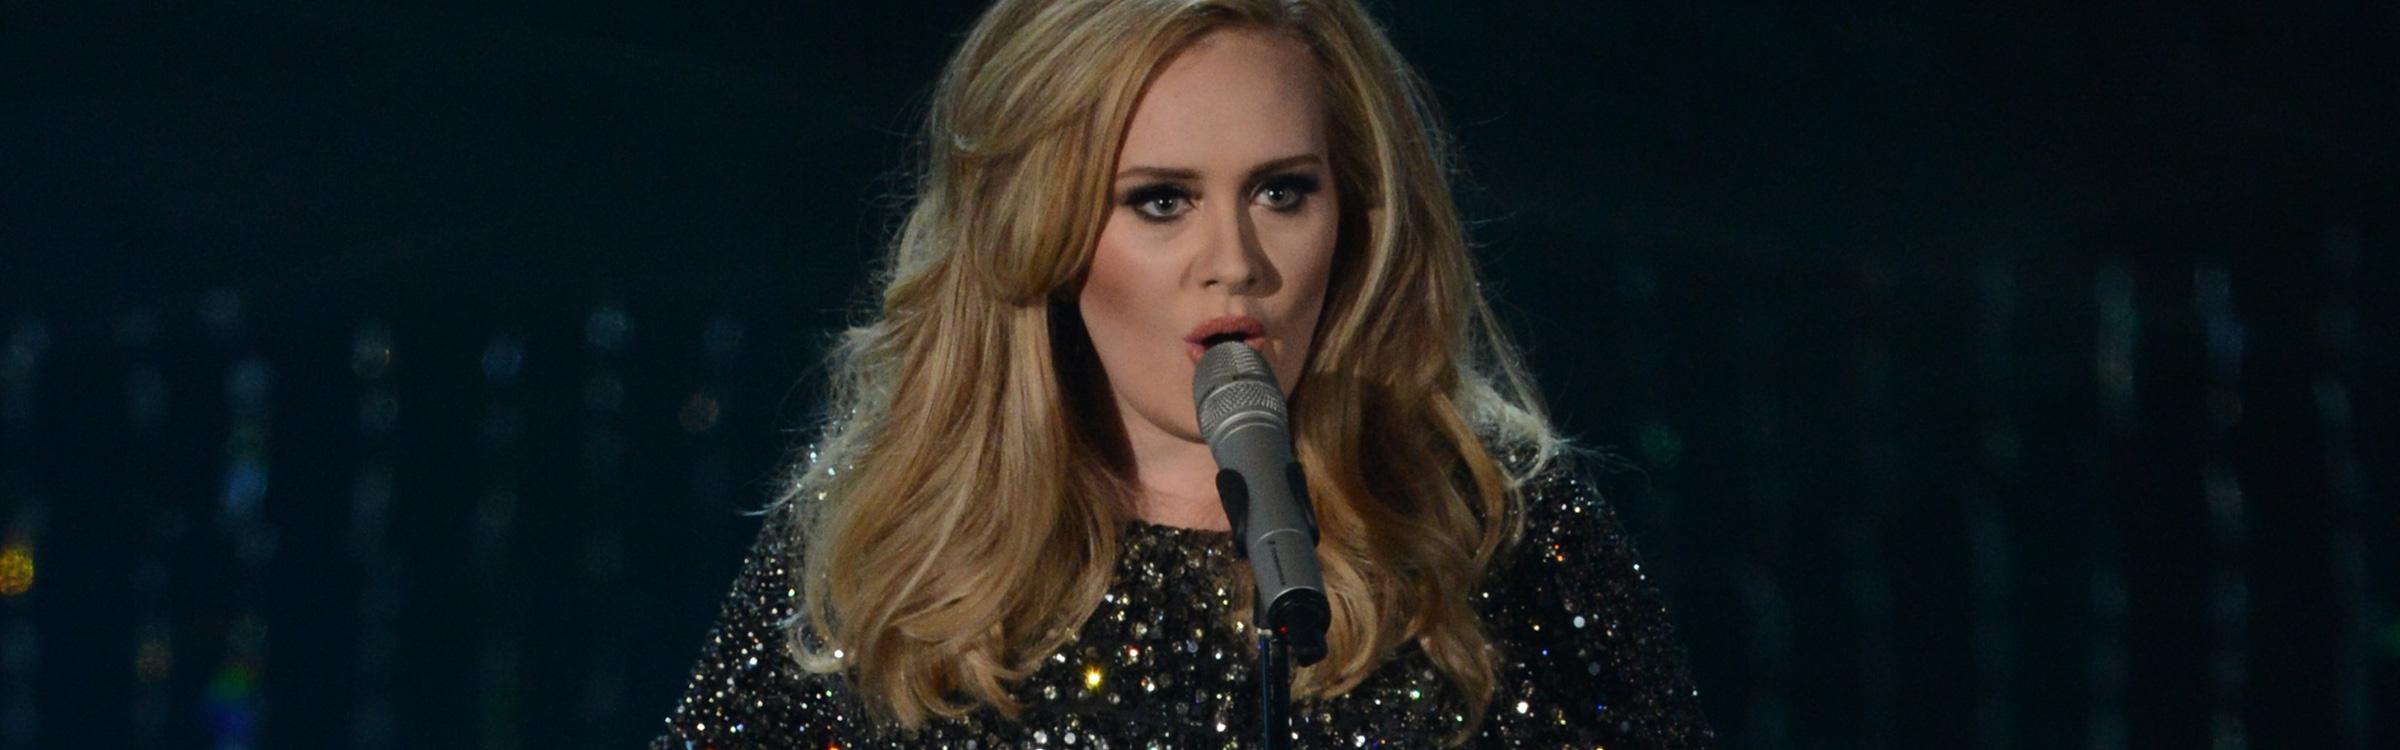 Adele header